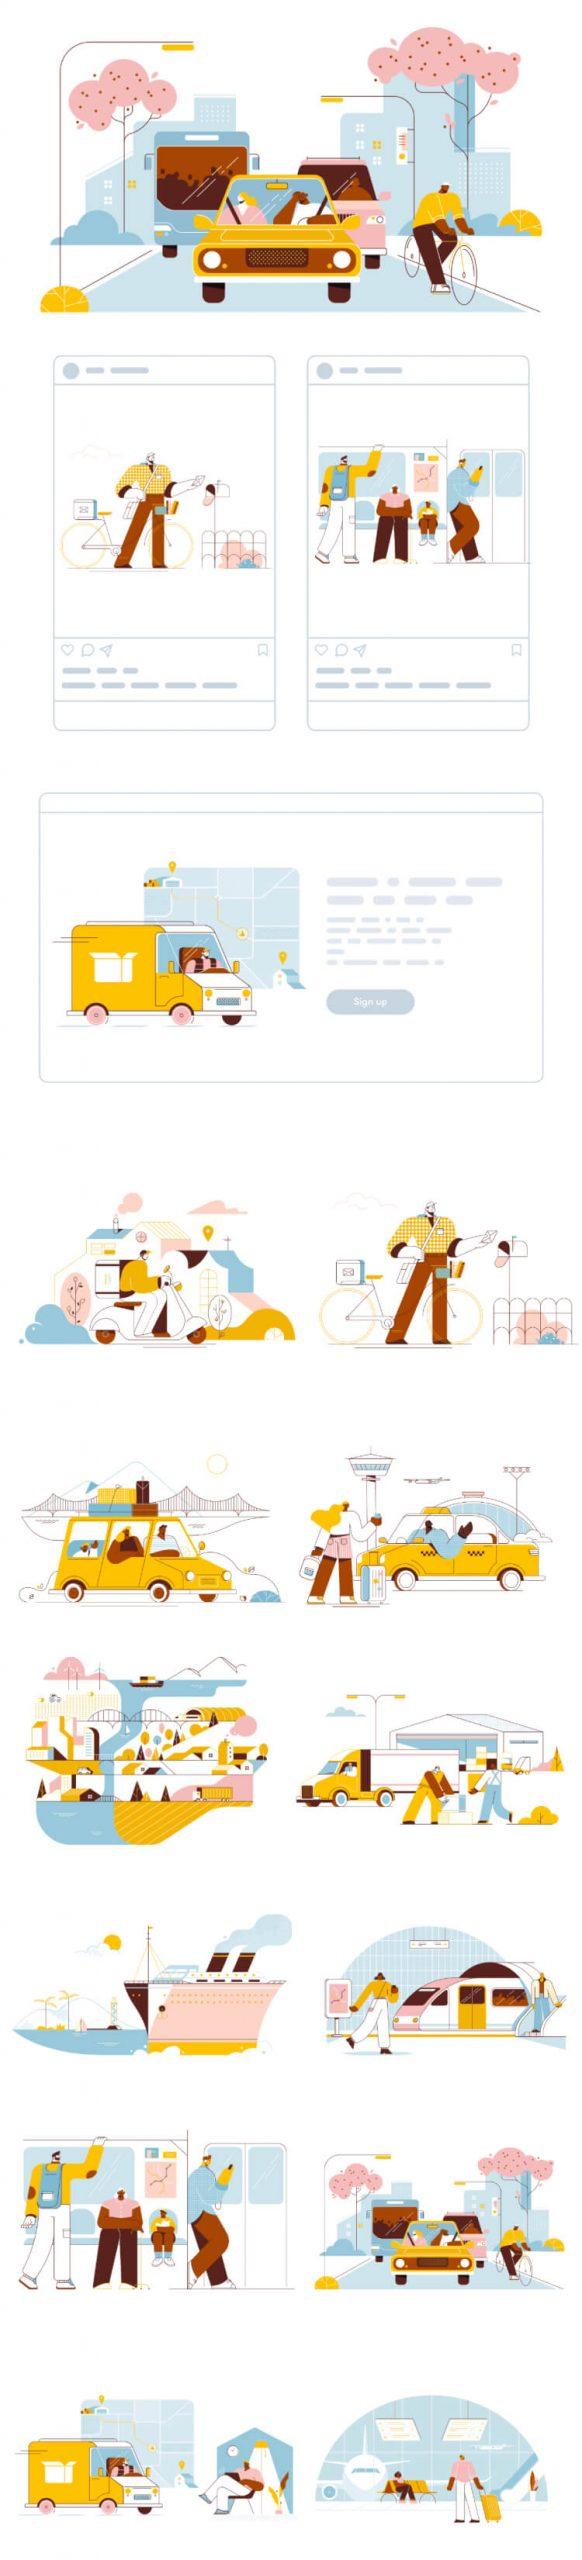 Transport Illustration Free - UI Freebies